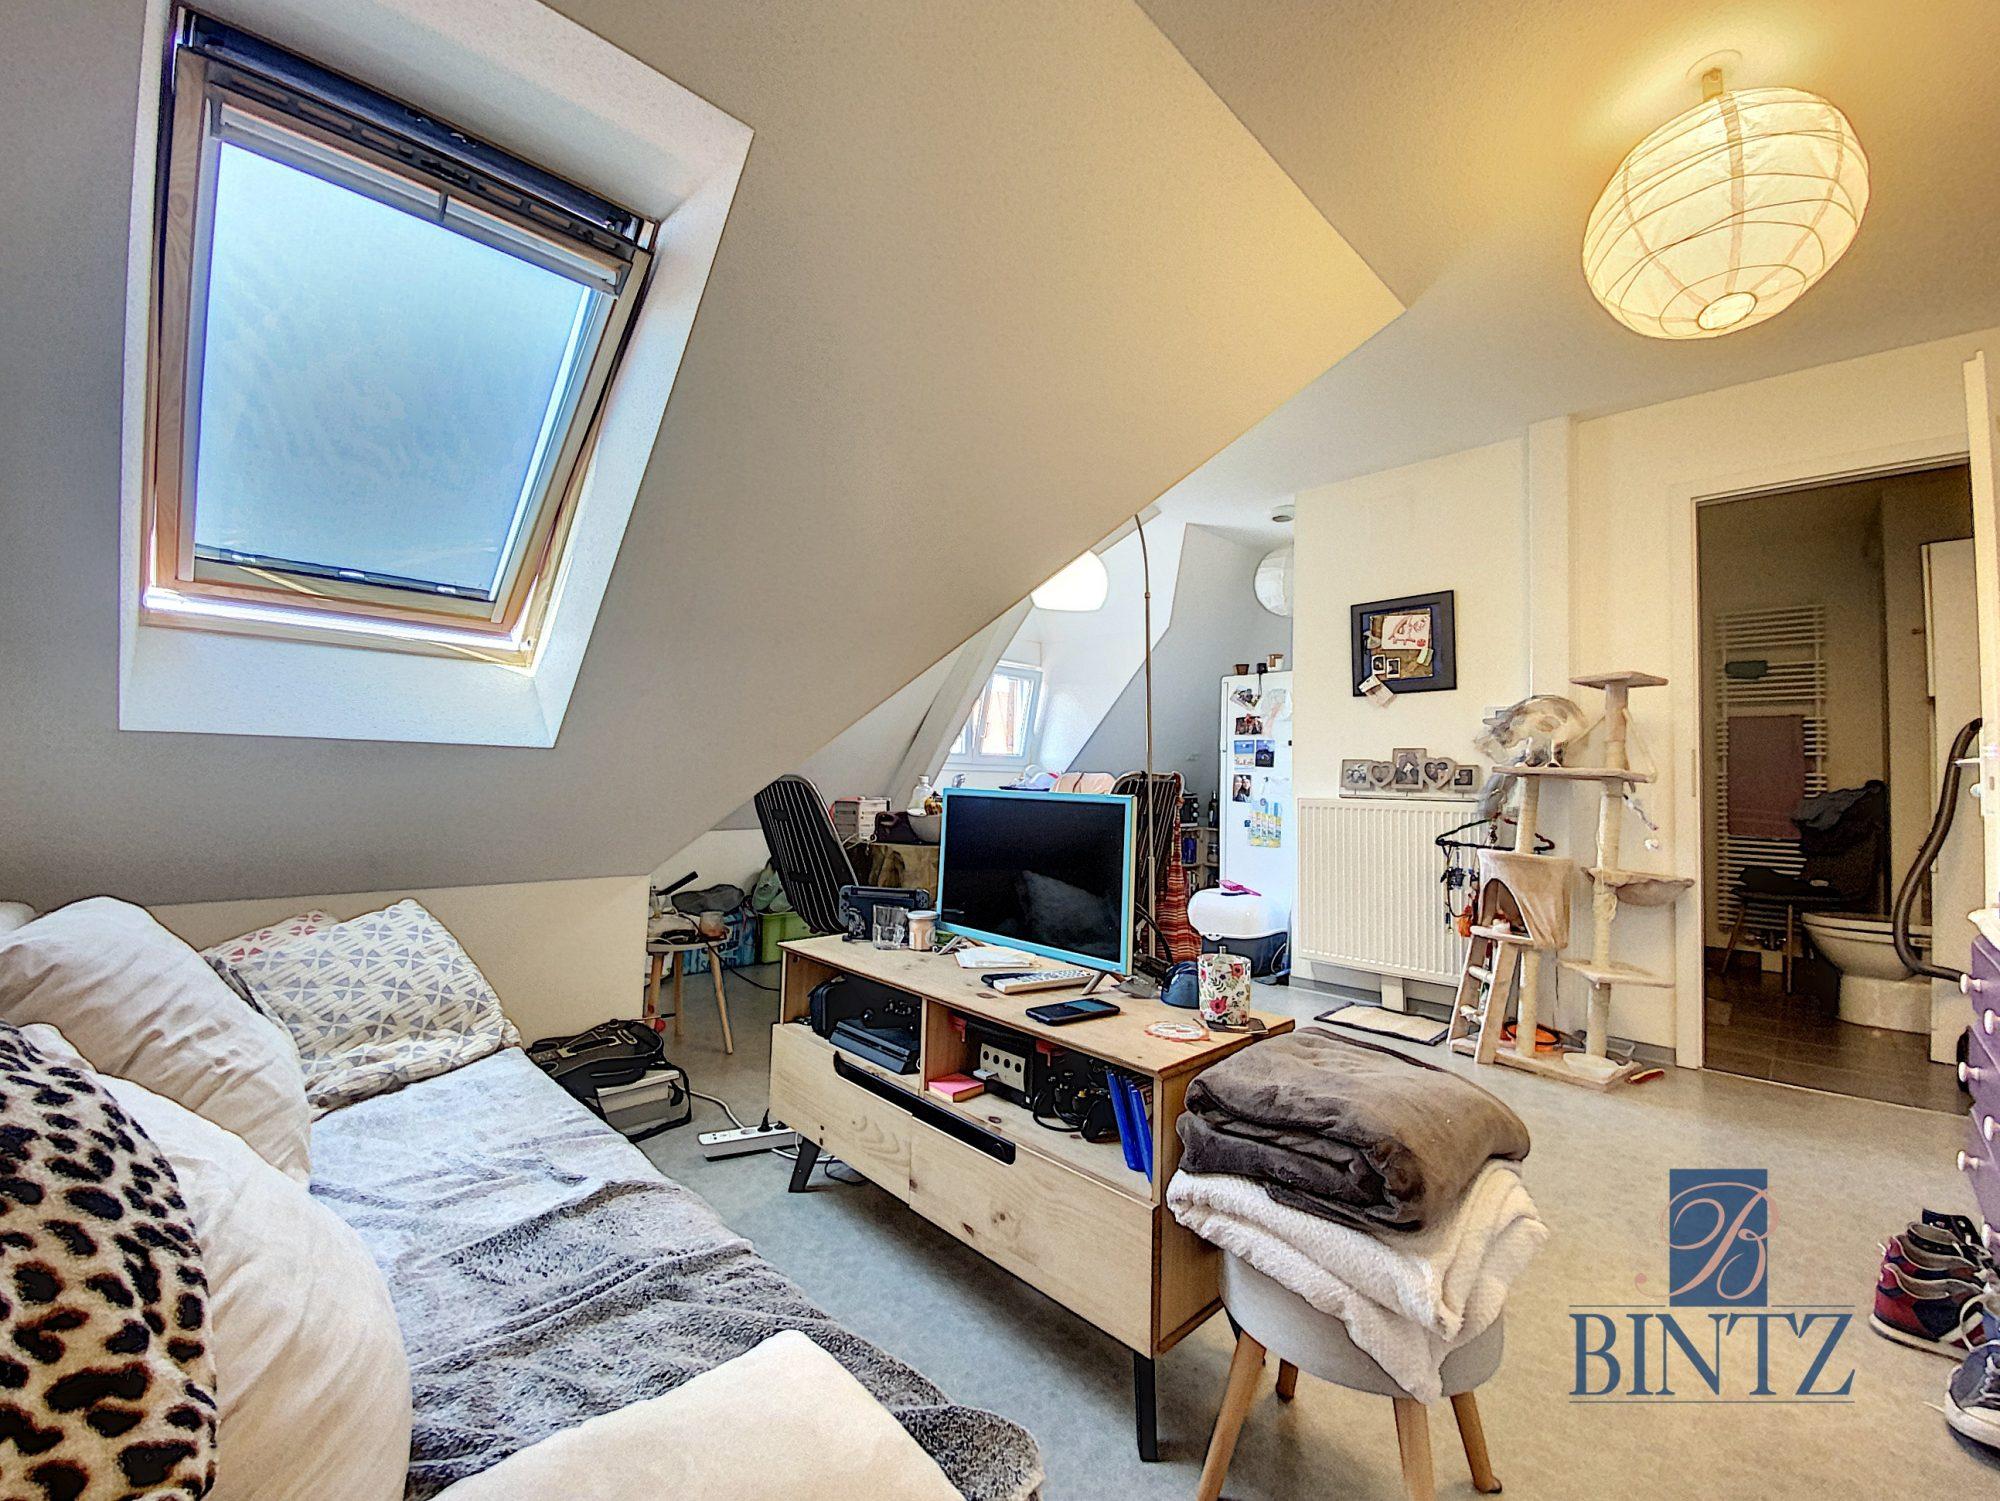 2 PIÈCES AVEC PARKING SCHILTIGHEIM - Devenez propriétaire en toute confiance - Bintz Immobilier - 3